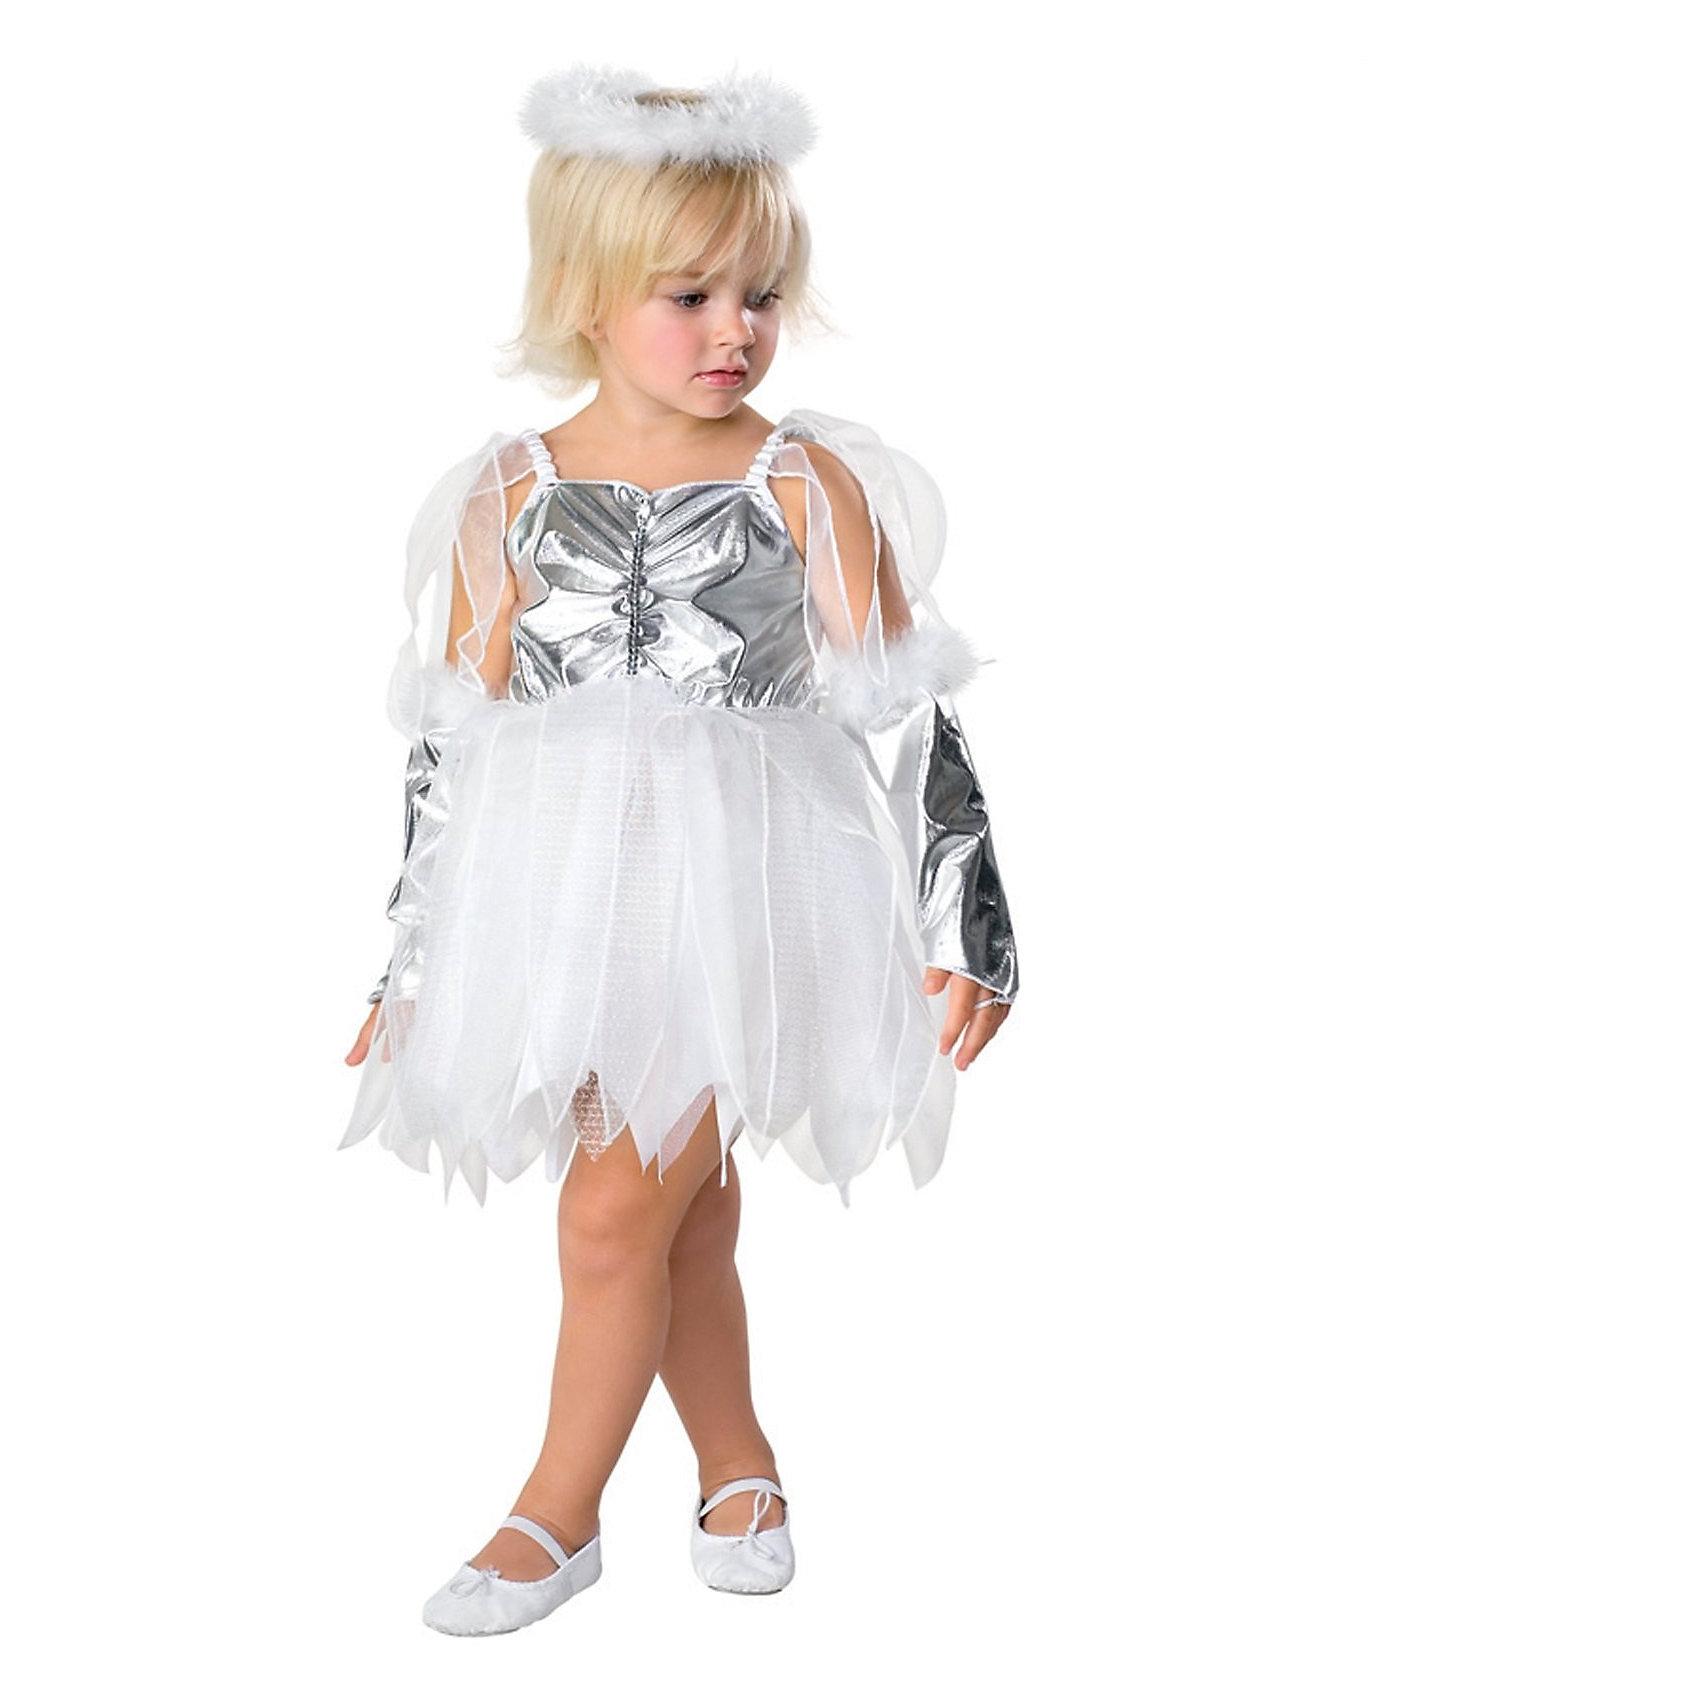 Детский маскарадный костюм Маленький ангелКарнавальные костюмы для девочек<br><br><br>Ширина мм: 260<br>Глубина мм: 400<br>Высота мм: 20<br>Вес г: 180<br>Возраст от месяцев: 48<br>Возраст до месяцев: 72<br>Пол: Унисекс<br>Возраст: Детский<br>SKU: 7128974